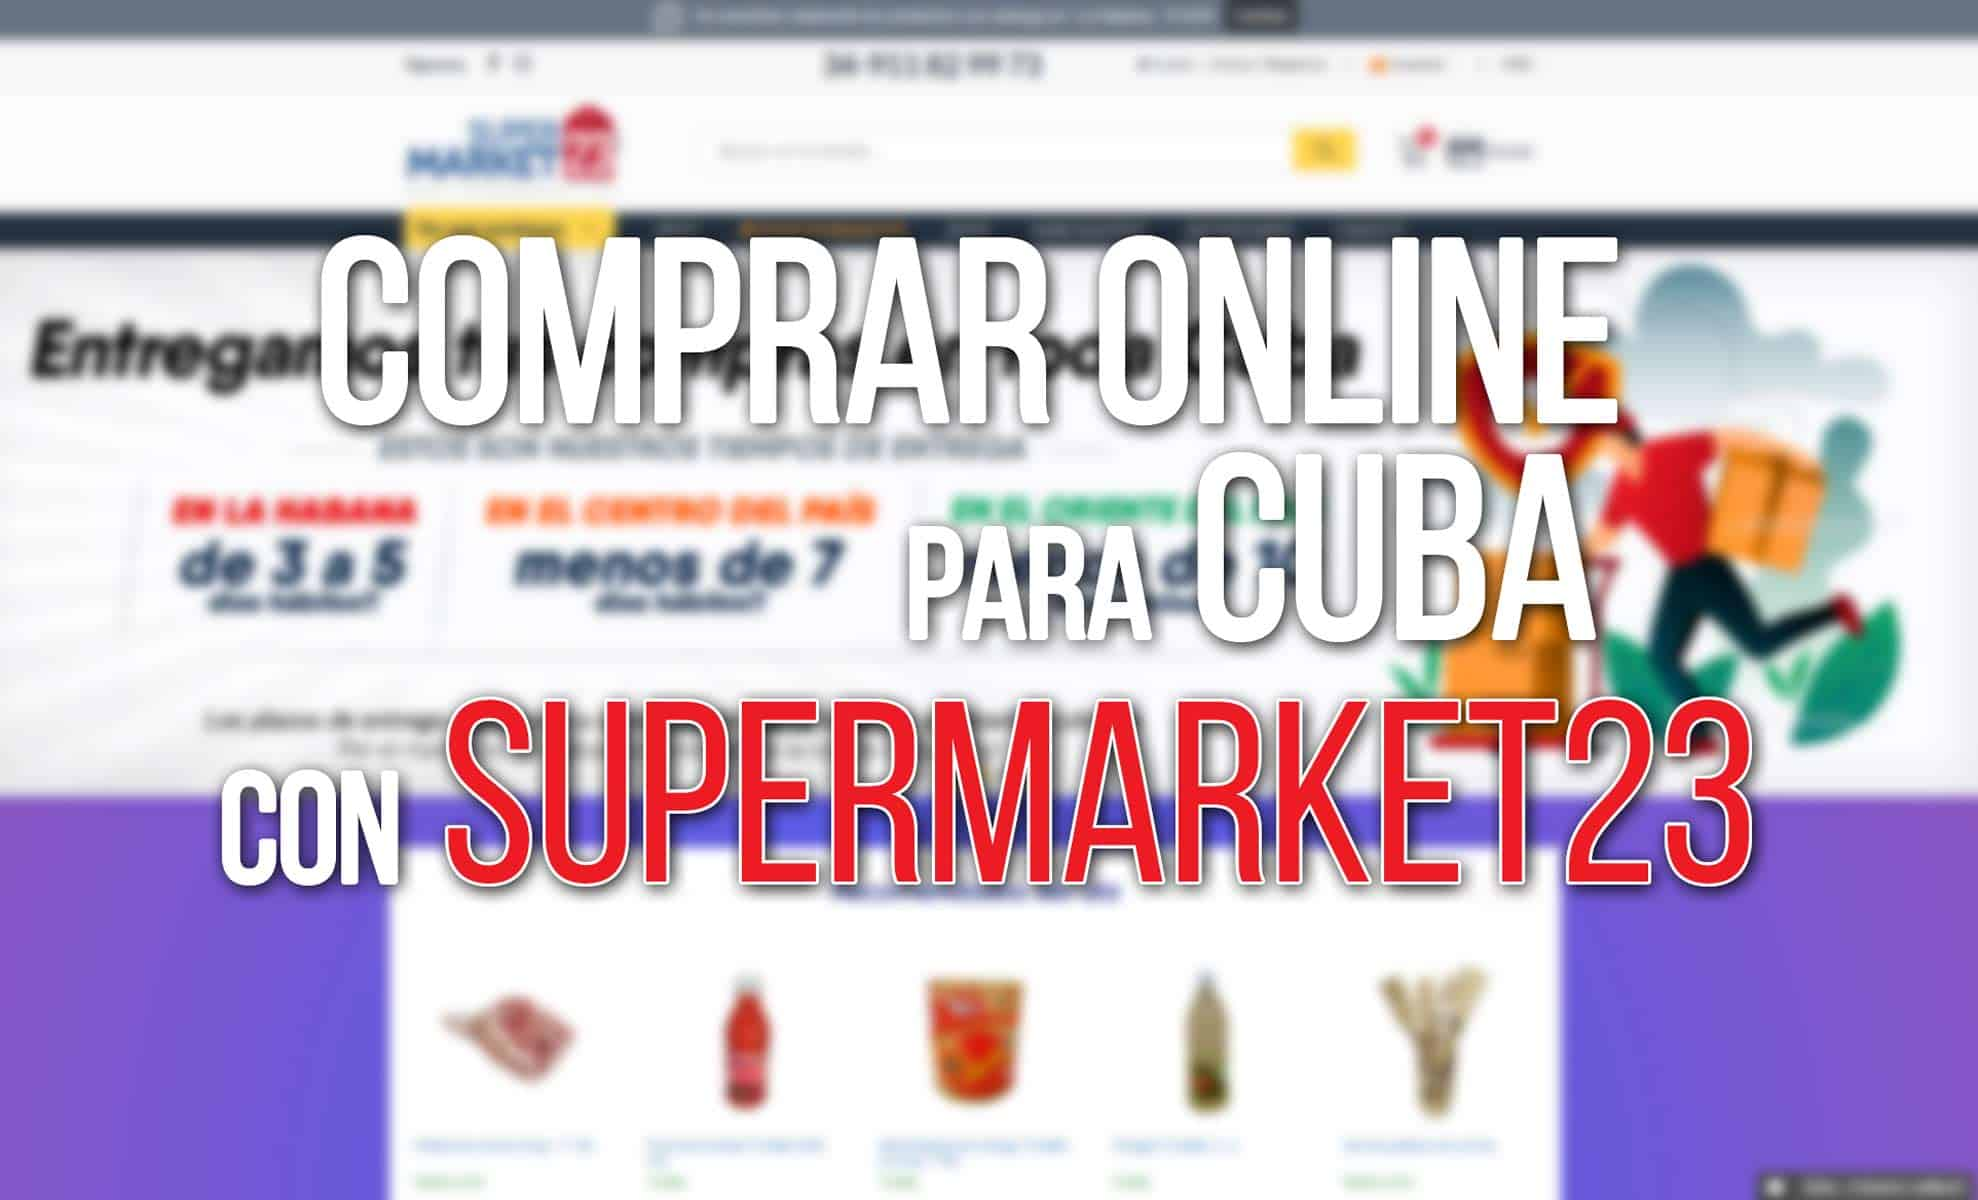 supermarket23